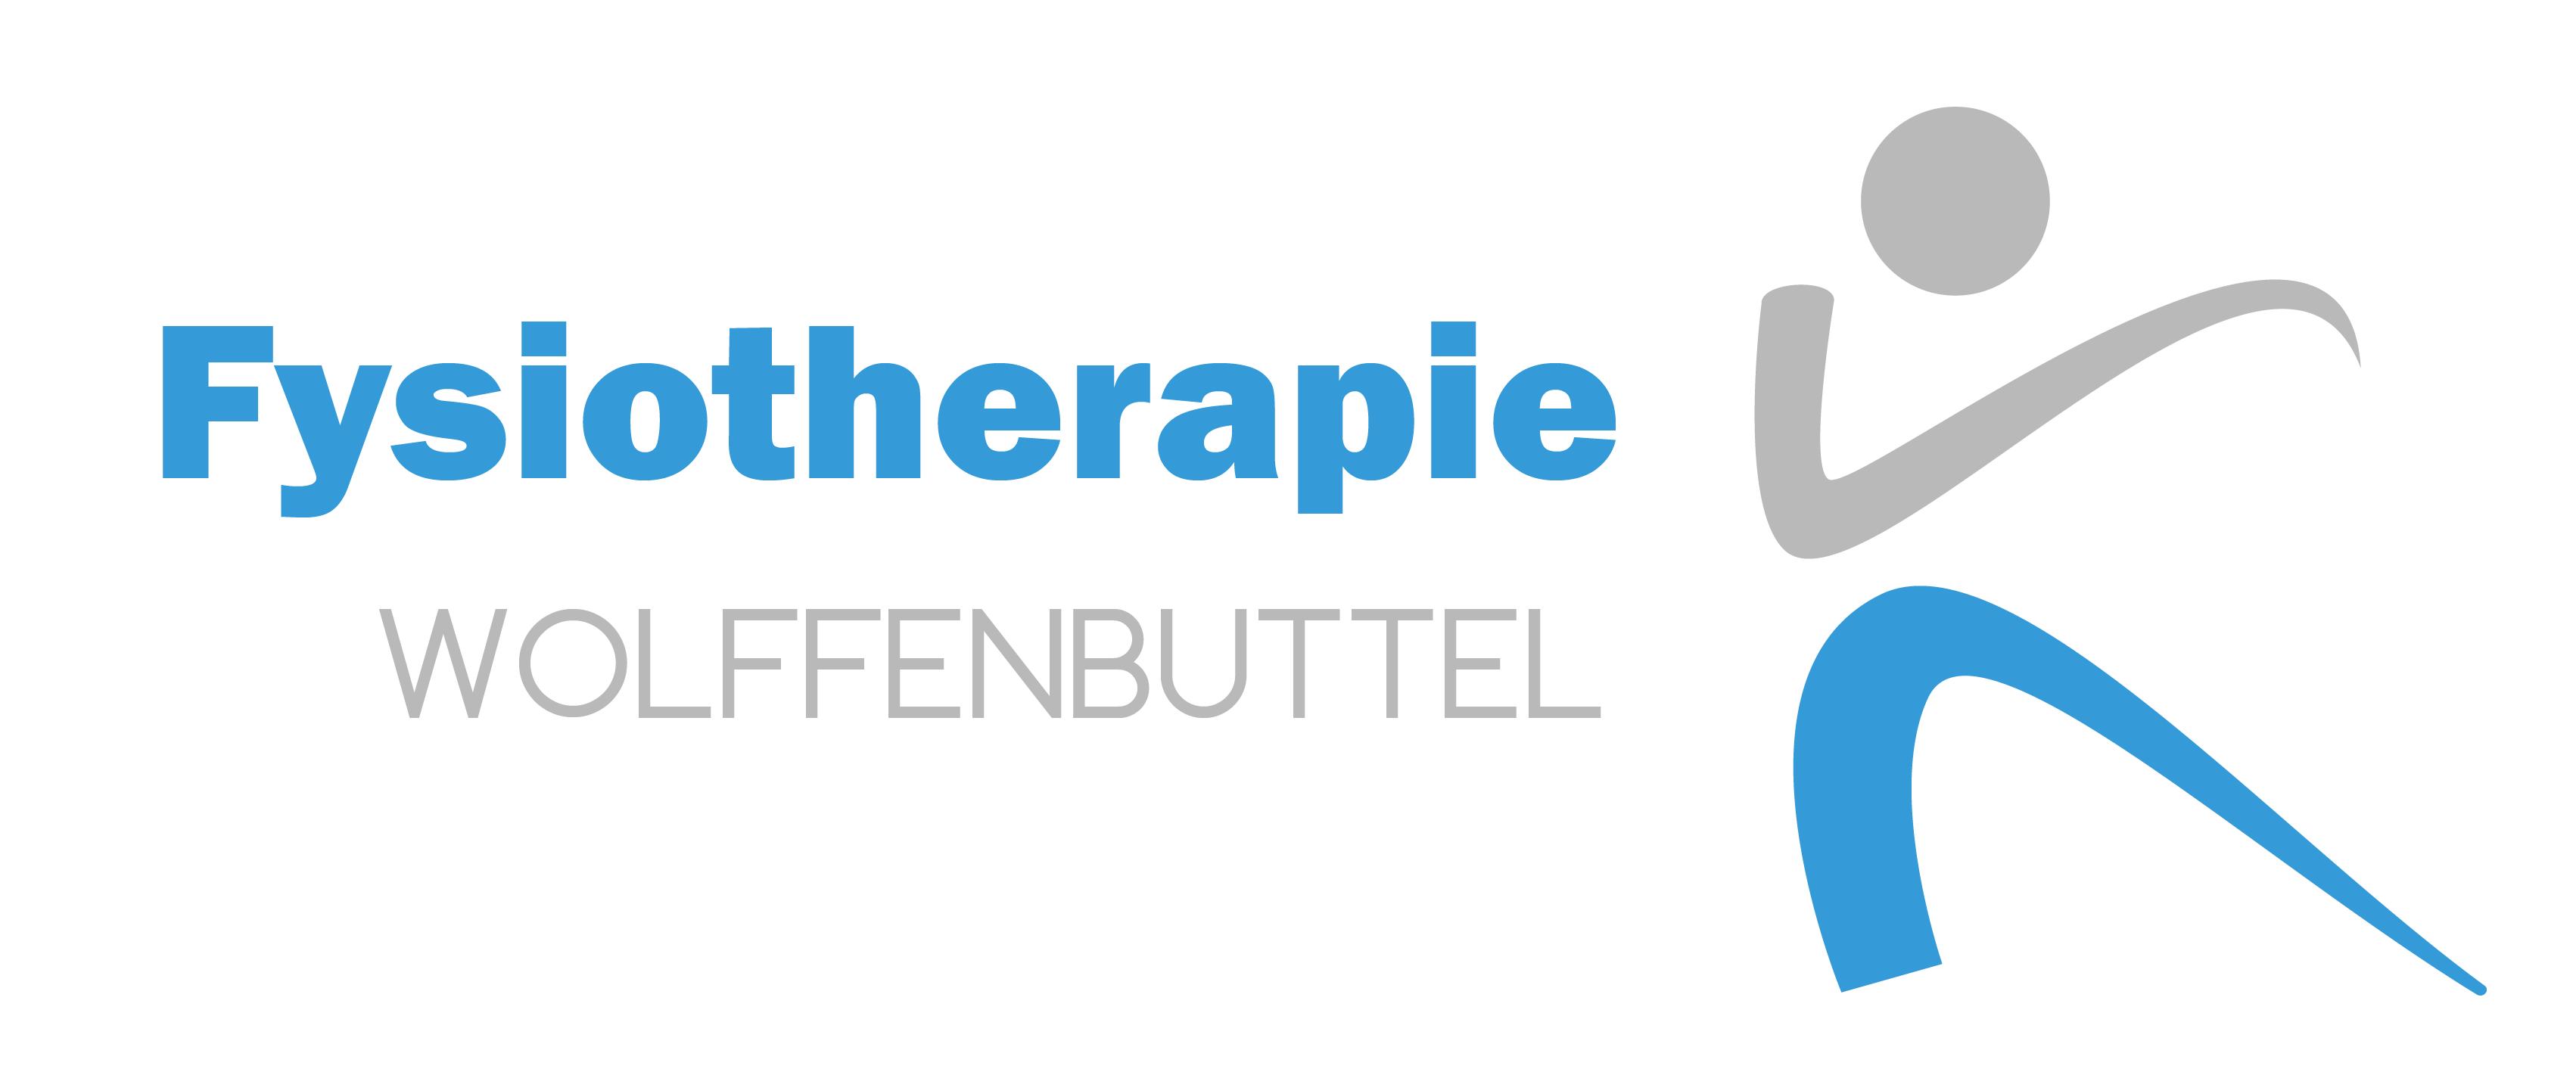 Fysiotherapie Wolffenbuttel